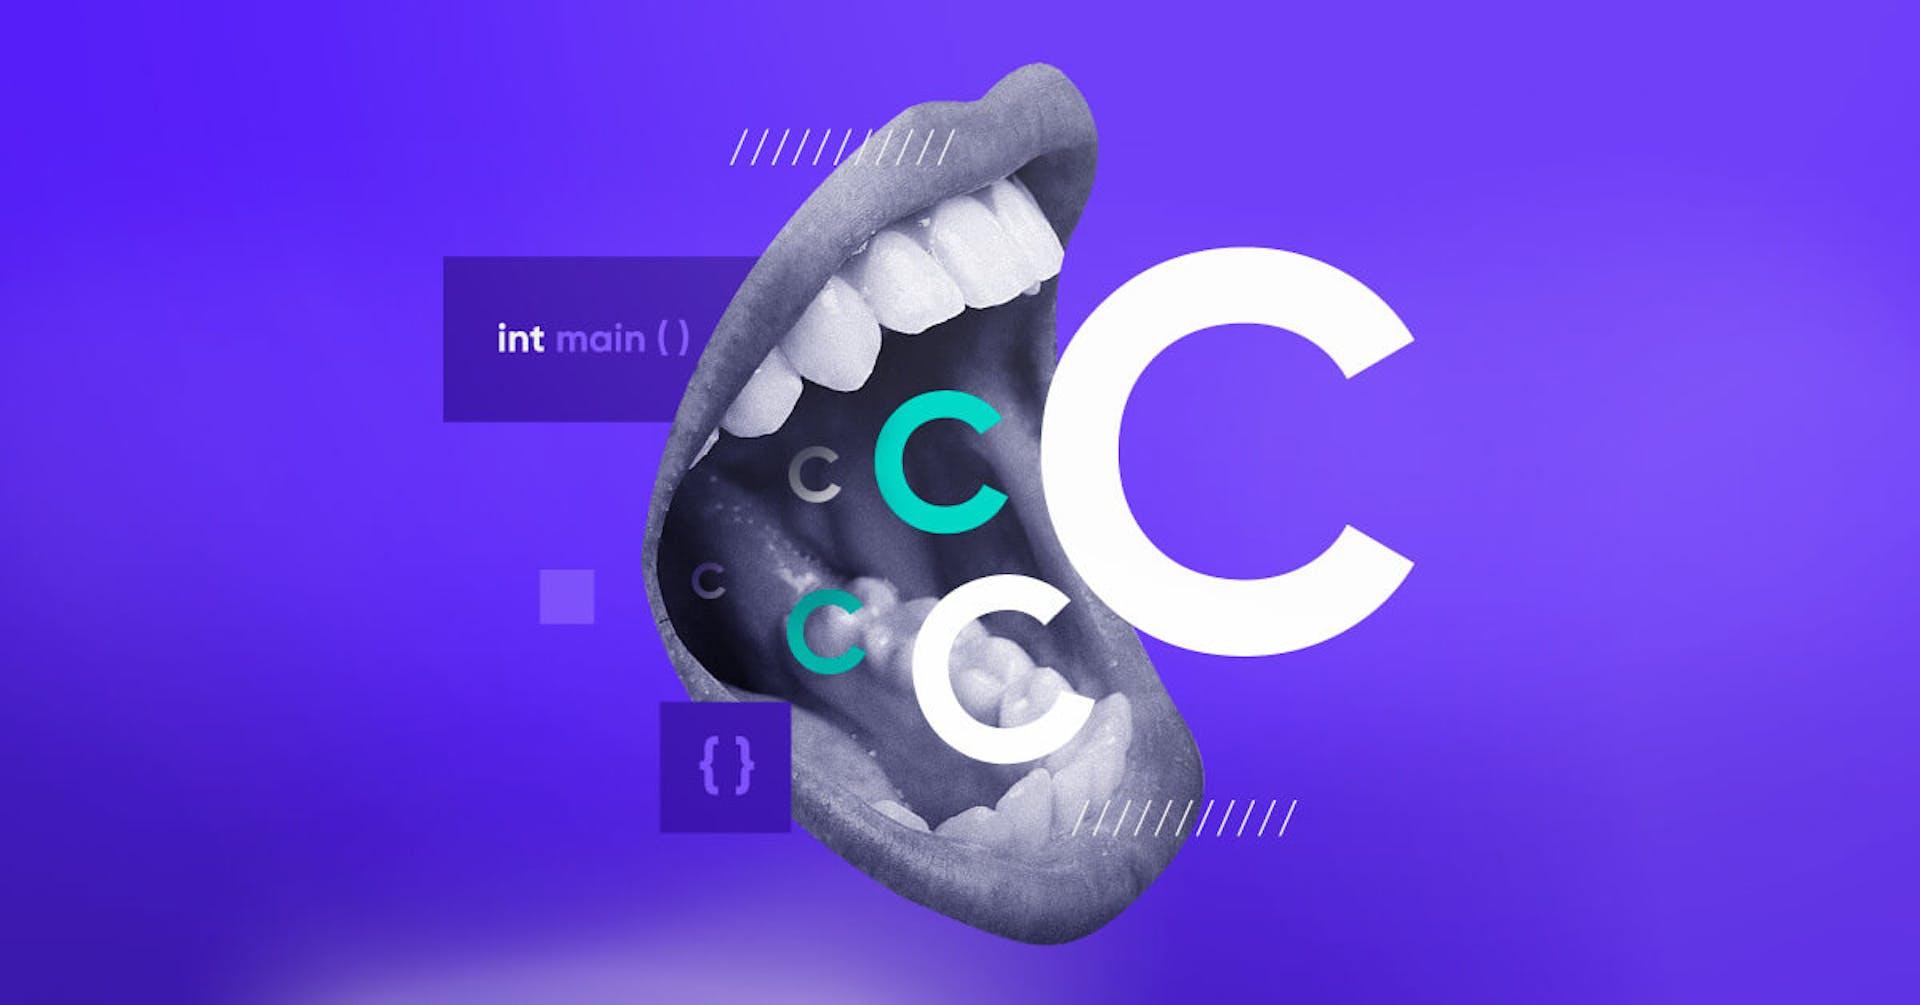 Ventajas y desventajas del lenguaje C: ¿Es realmente la mejor programación?